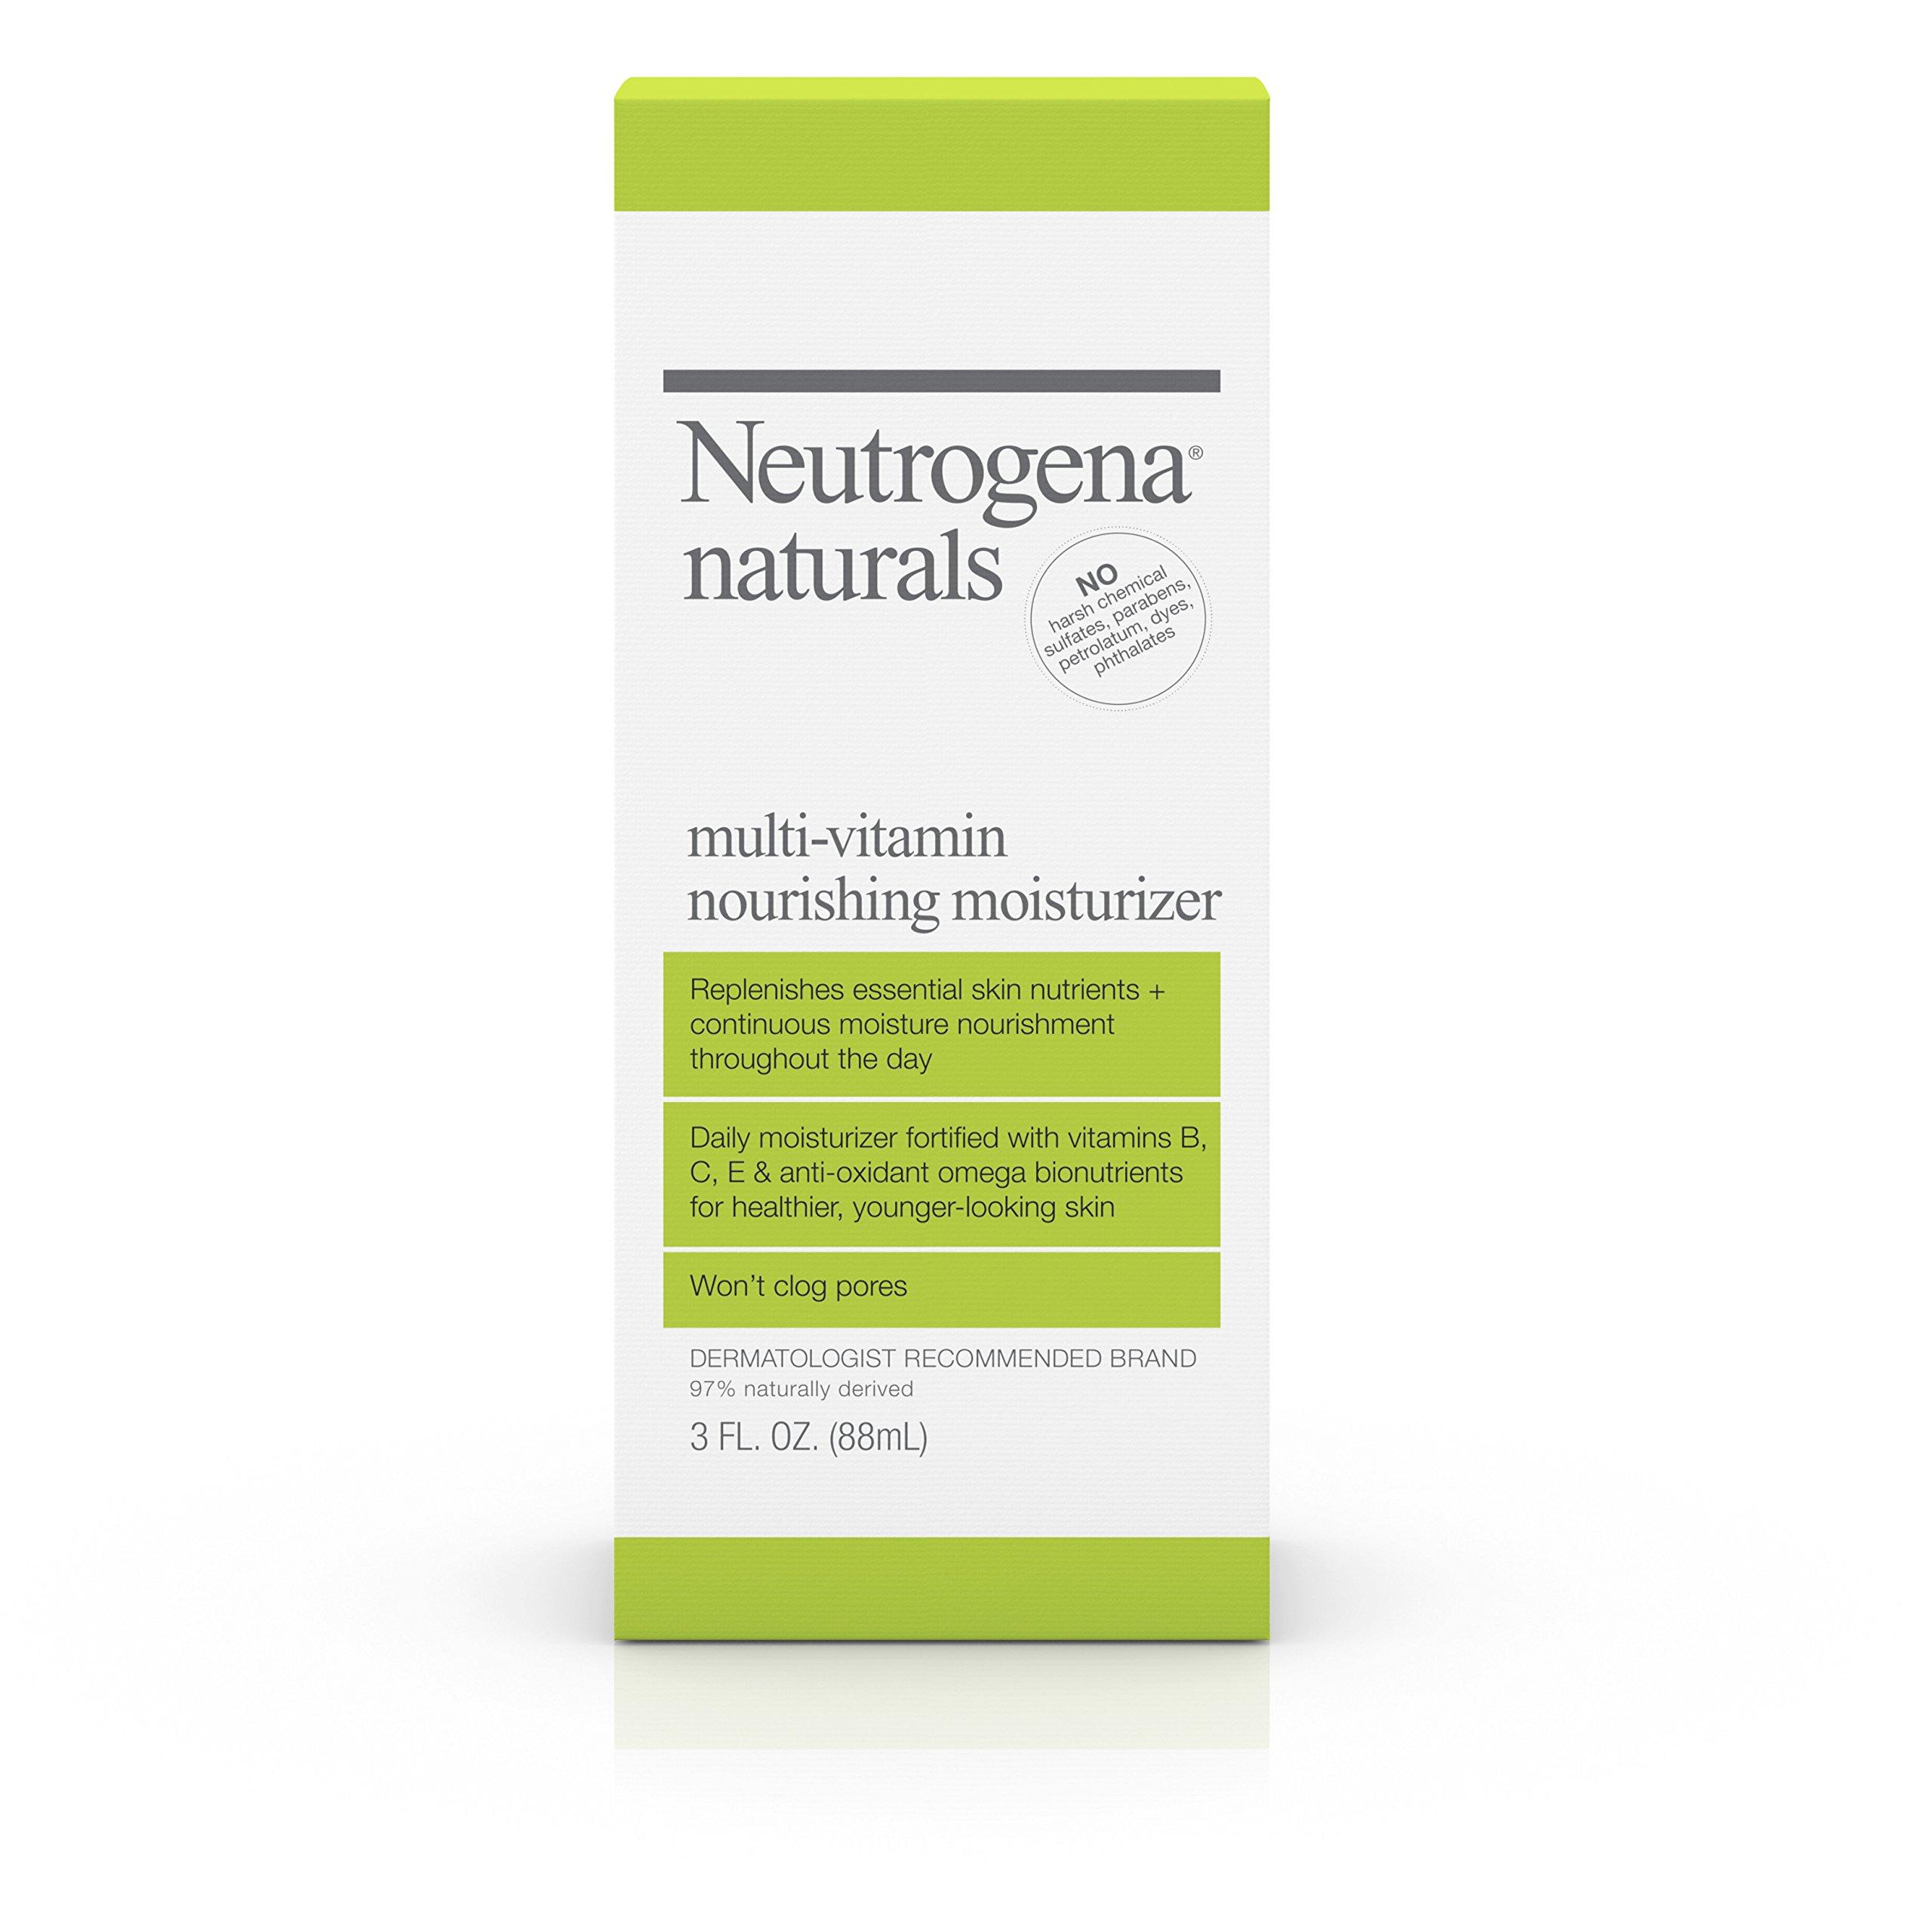 Neutrogena Naturals Multi-Vitamin Nourishing Face Moisturizer, 3 Fl. Oz.